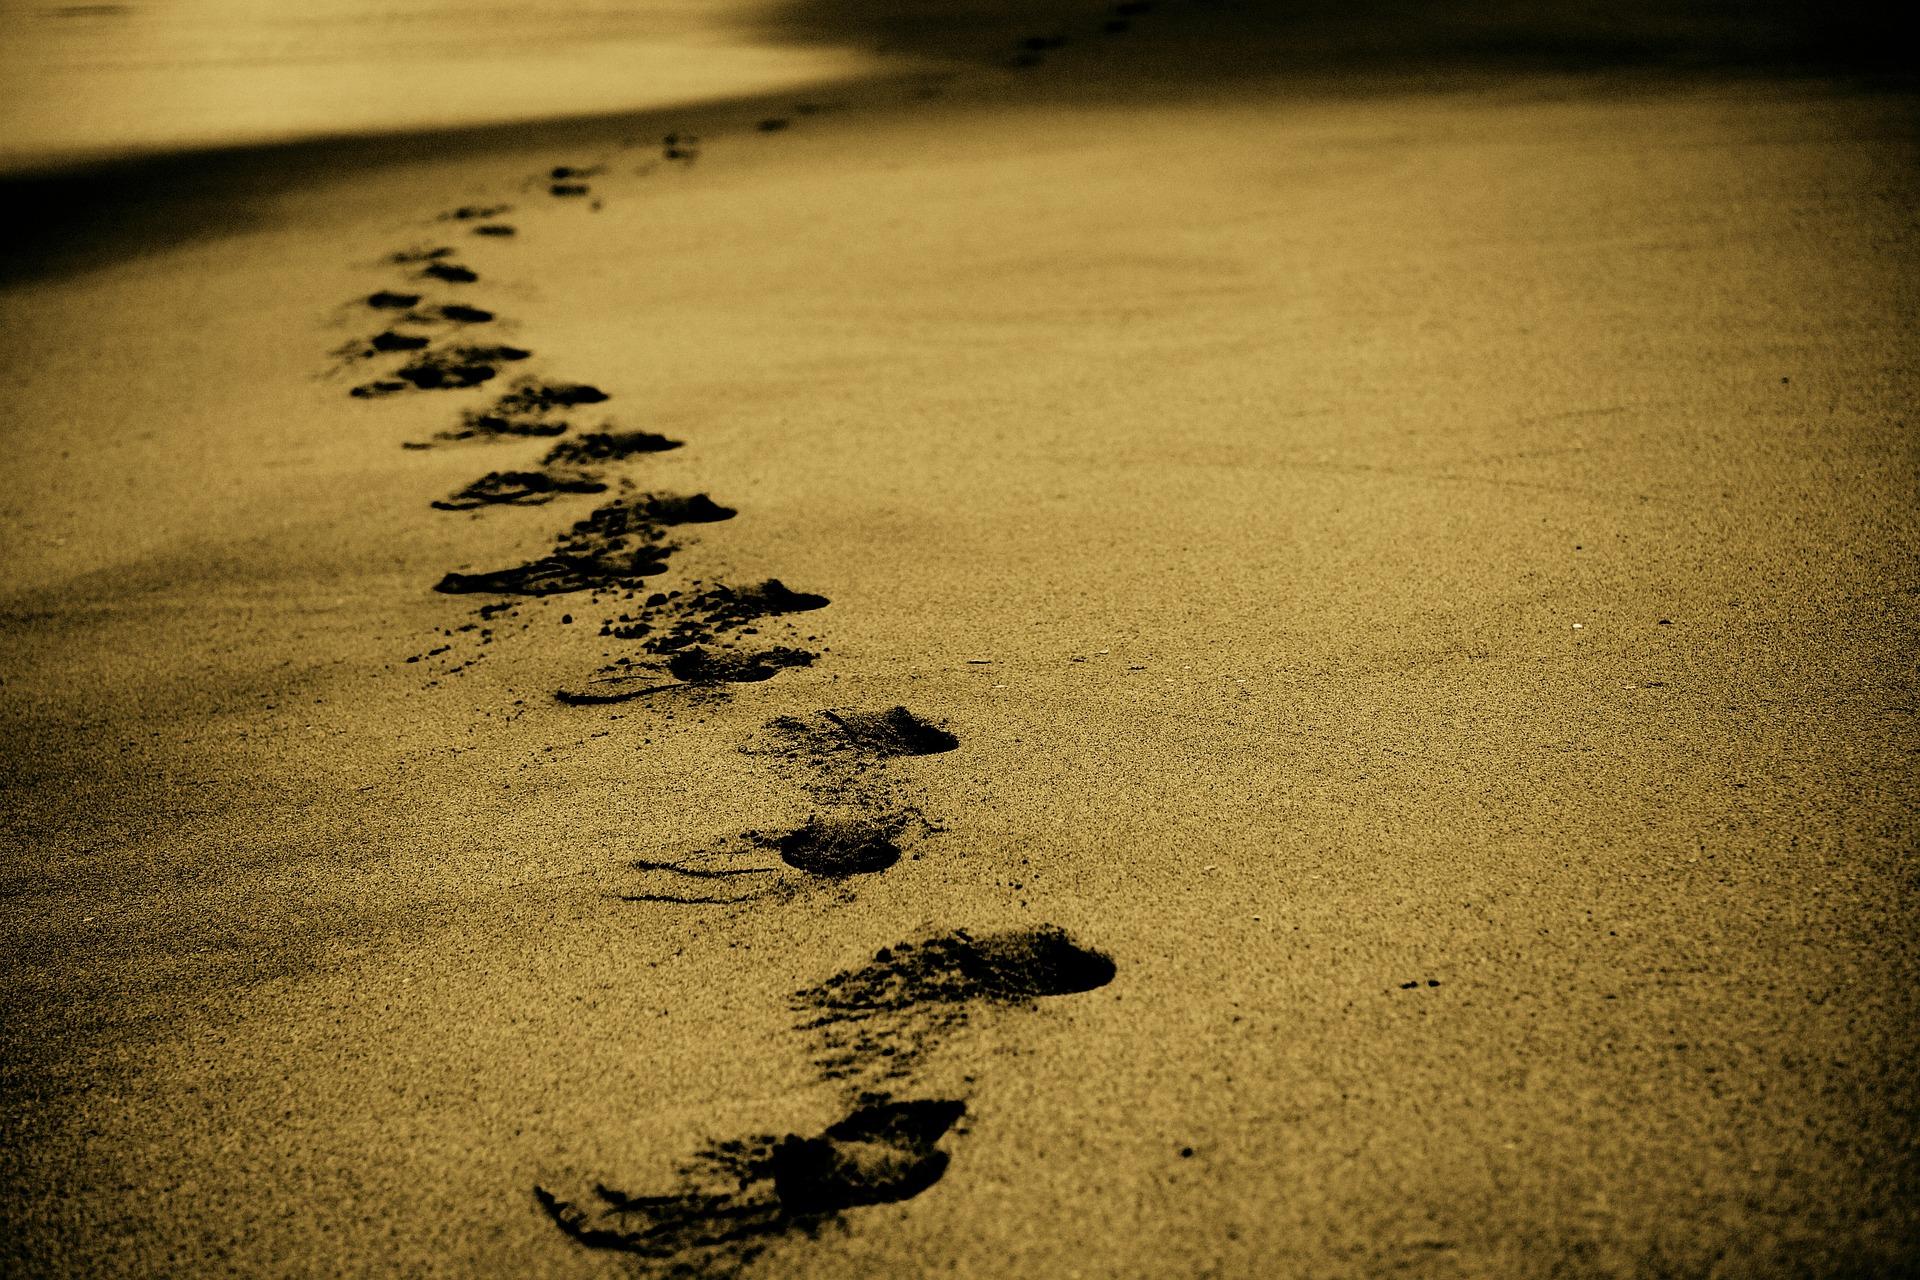 Άμμος, χνάρια, Παραλία, Δρόμου, πάτωμα - Wallpapers HD - Professor-falken.com